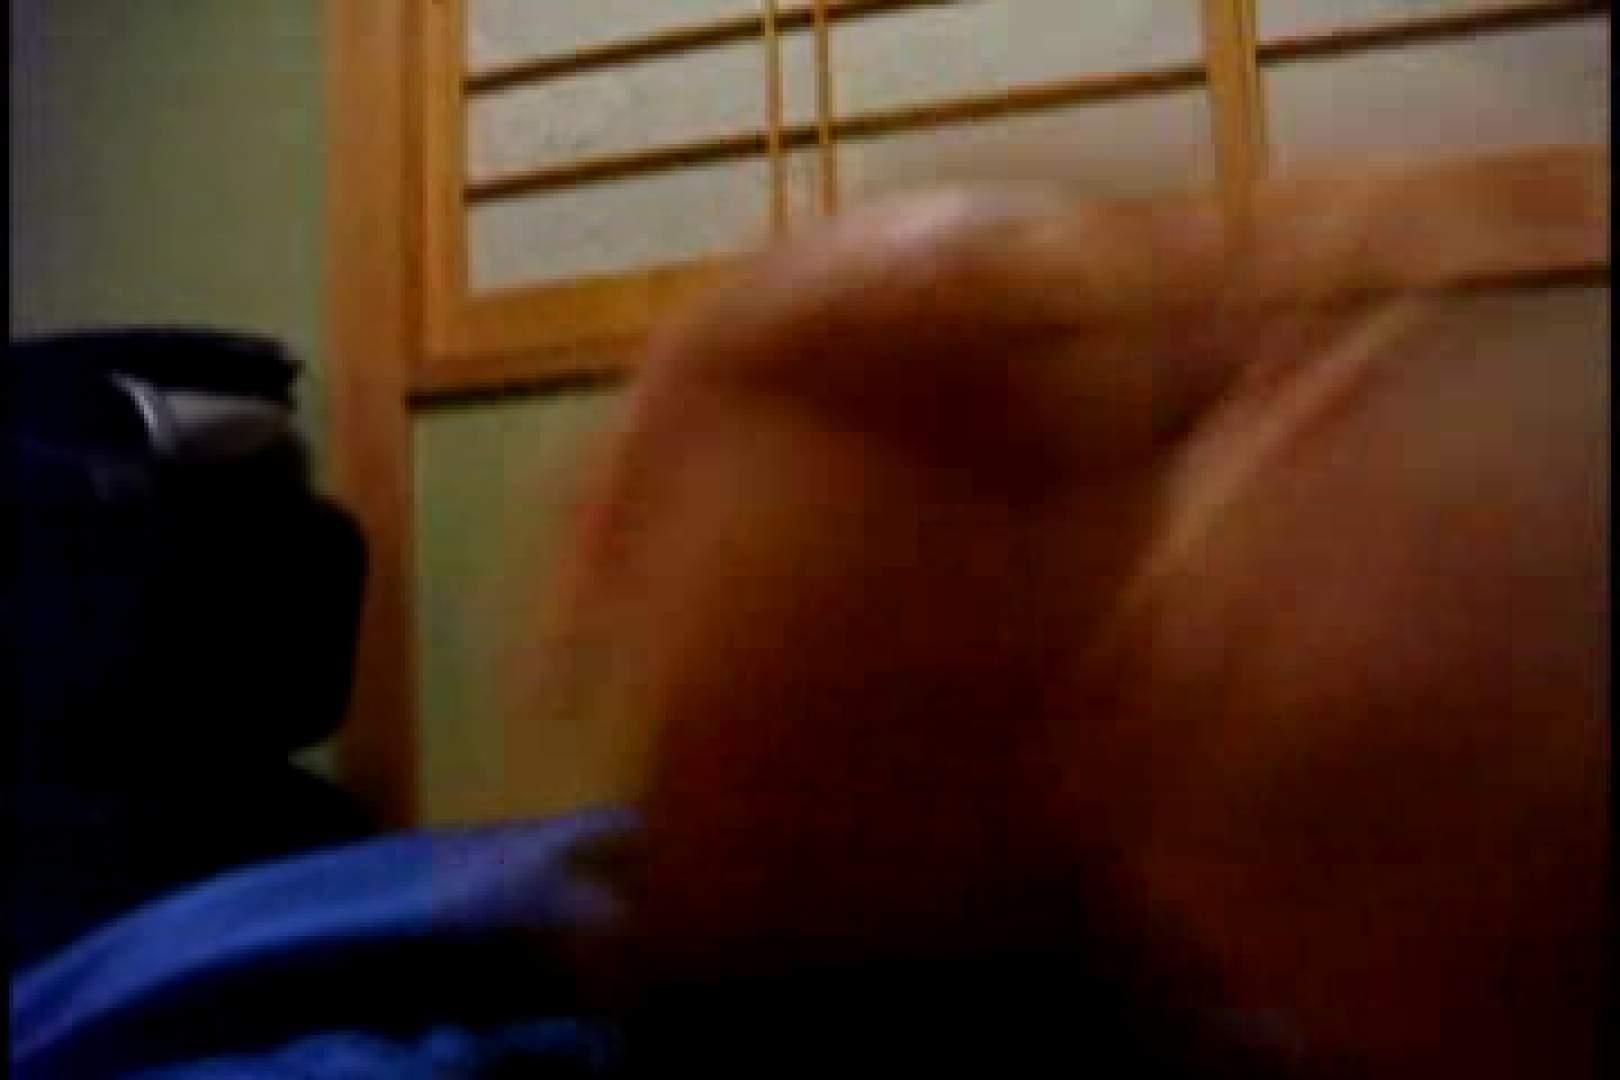 オナ好きノンケテニス部員の自画撮り投稿vol.02 流出作品 ゲイAV画像 89pic 53